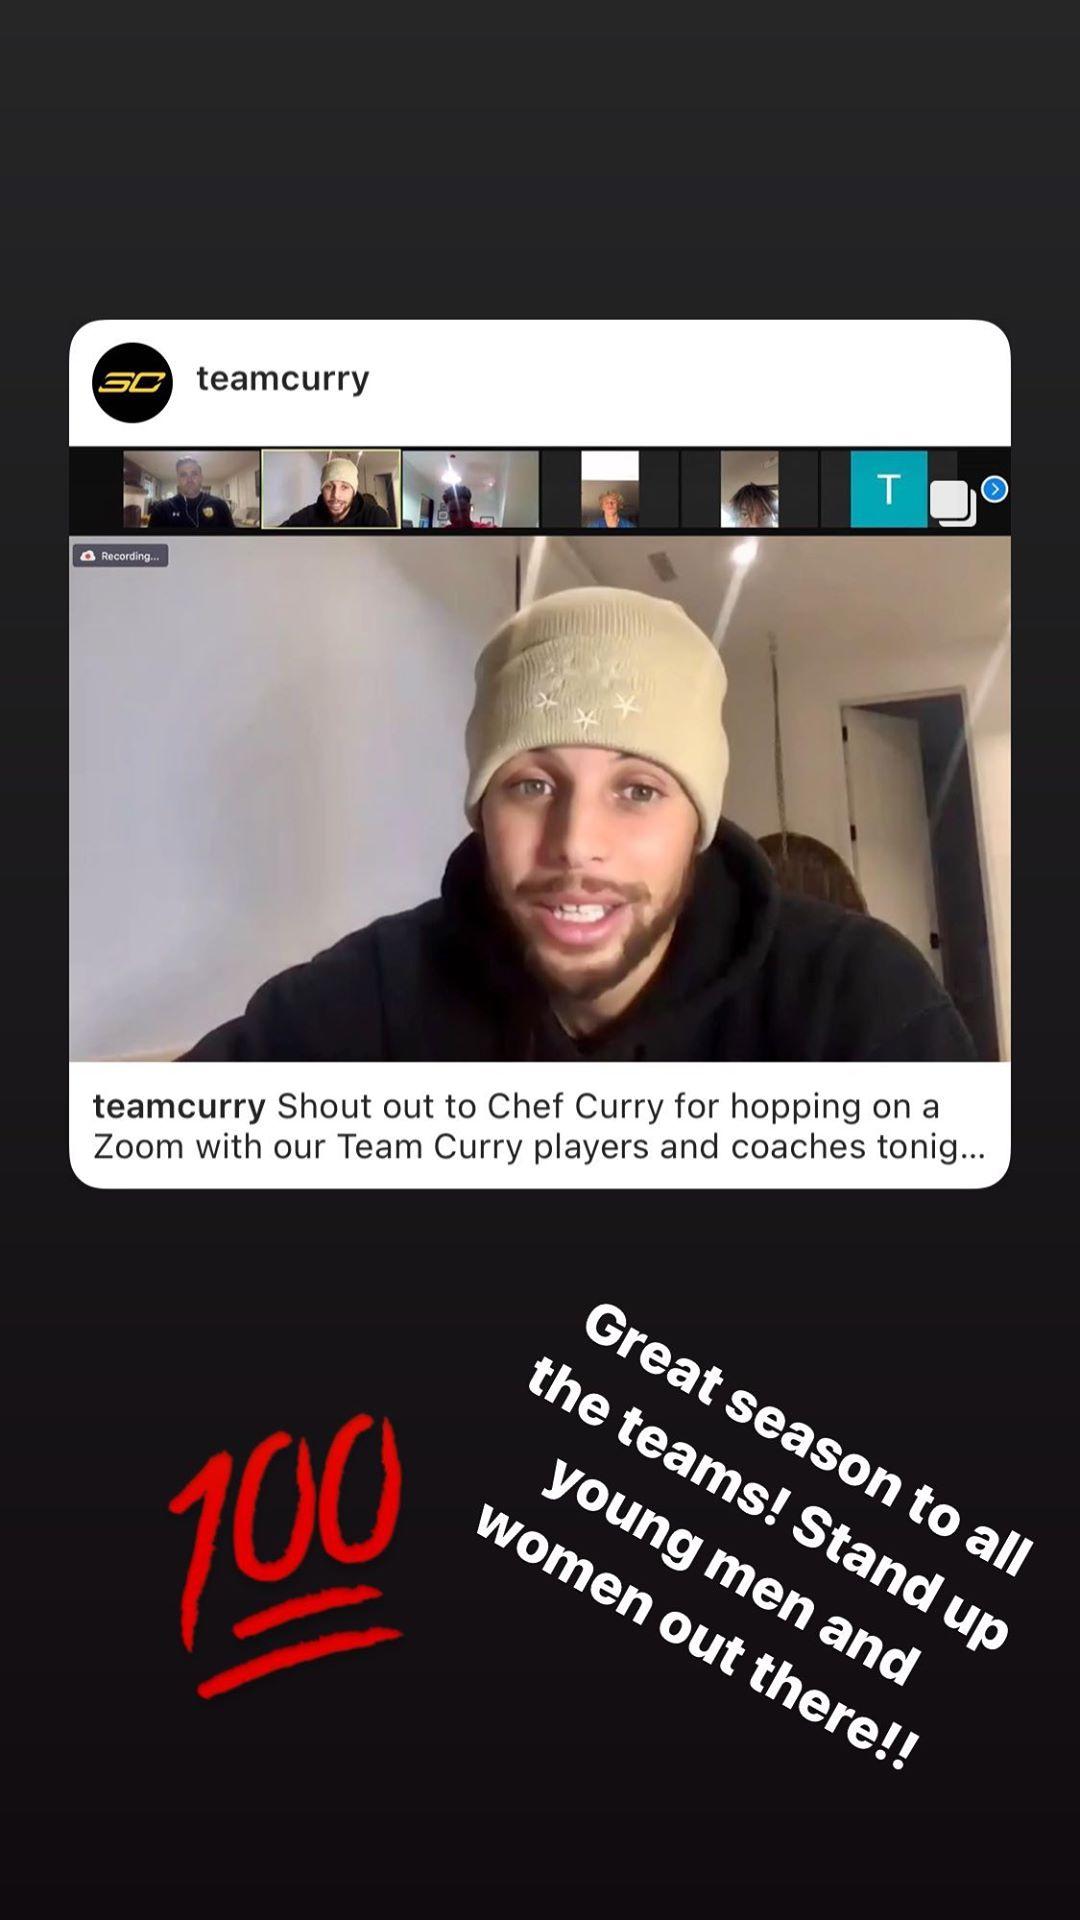 库里与自己AAU球队的球员视频通话:为那些男孩女孩喝彩